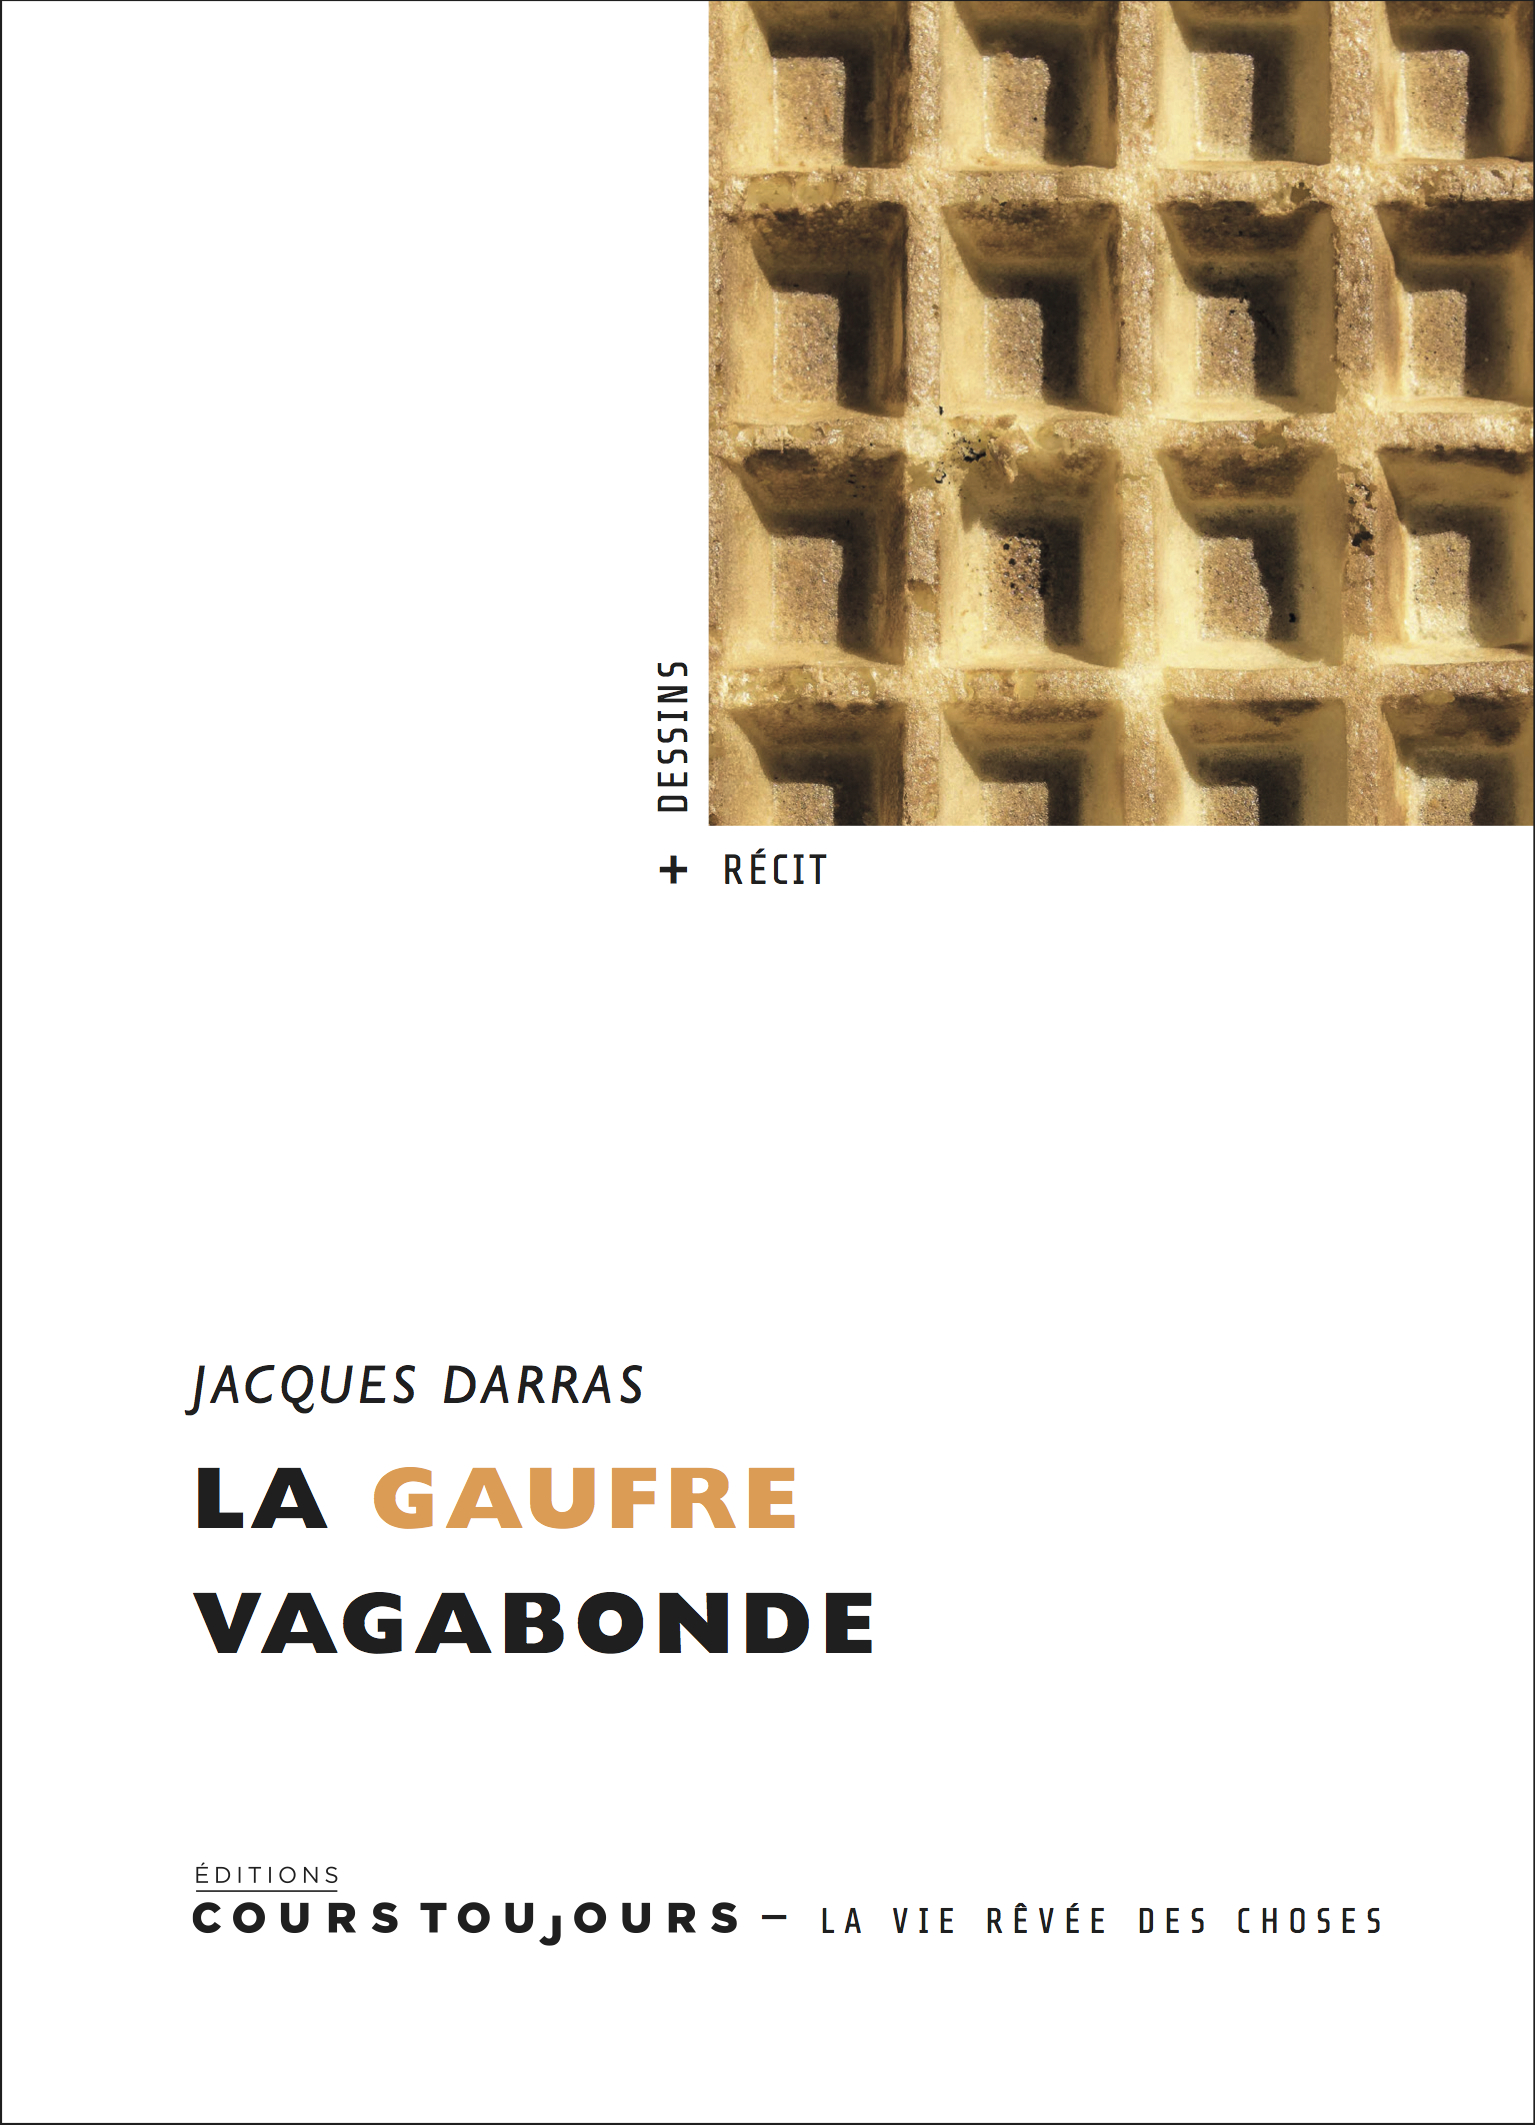 La Gaufre